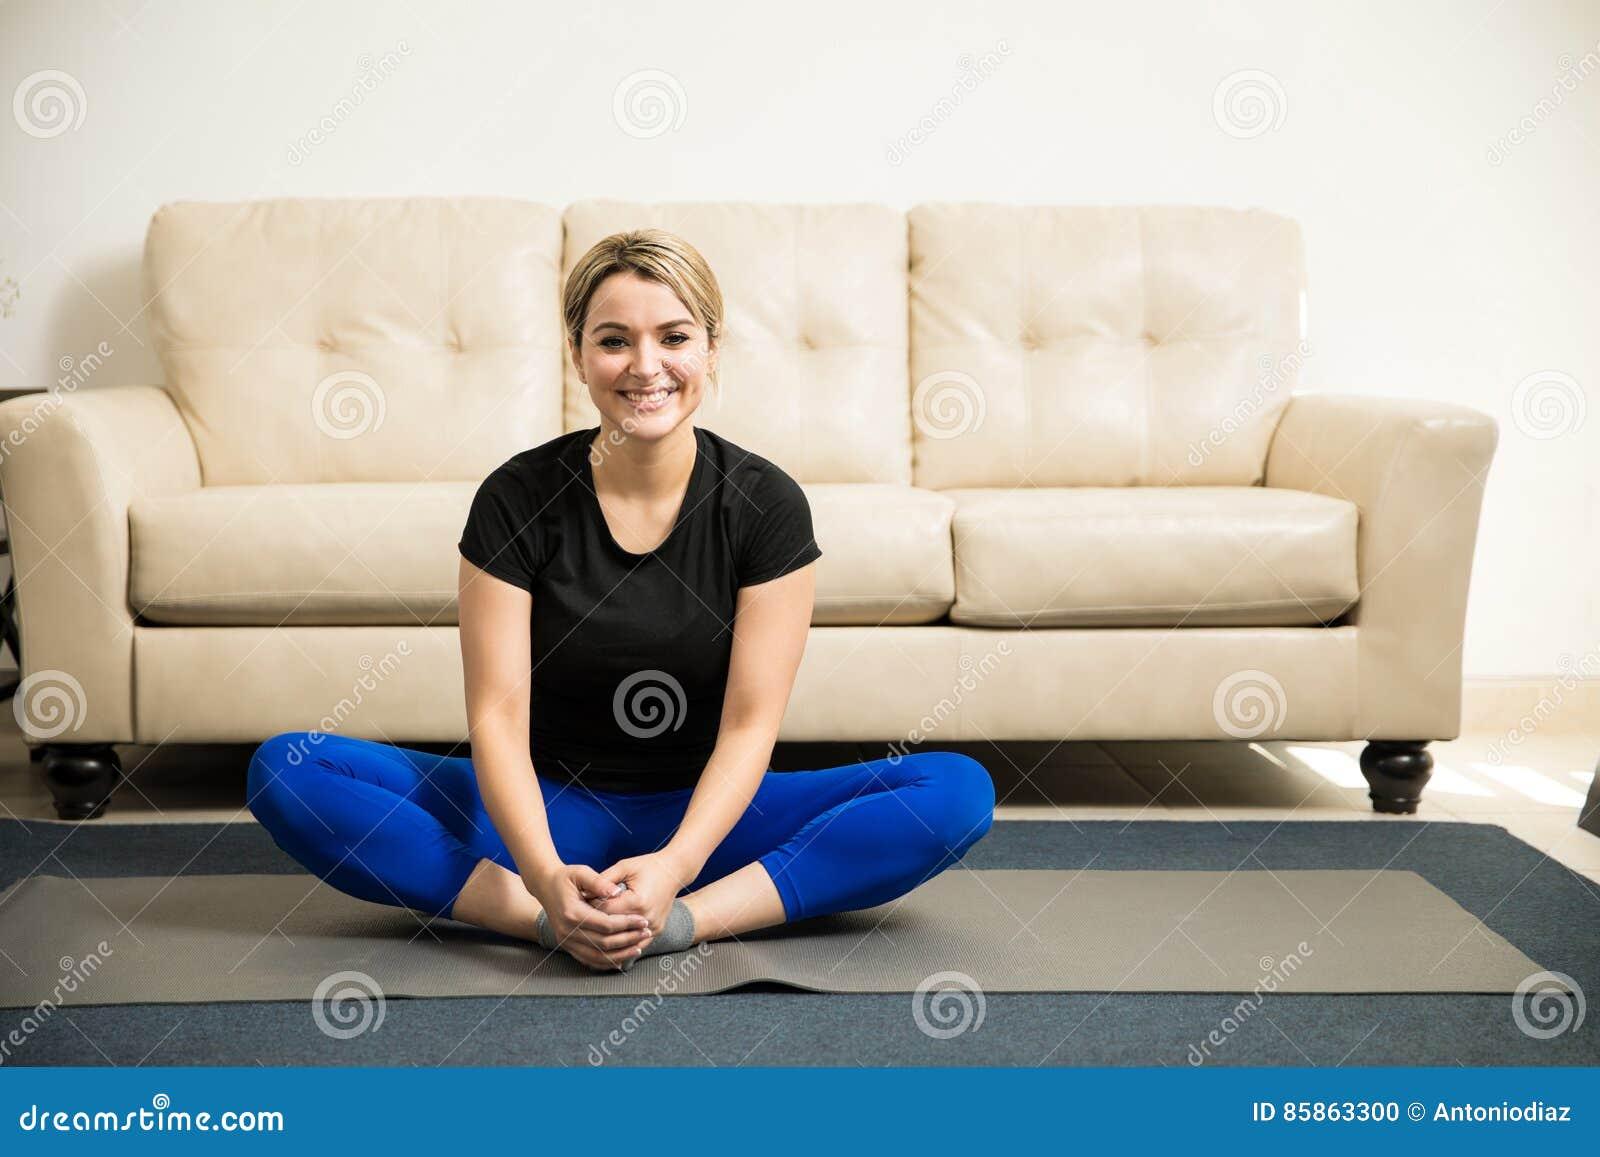 逗人喜爱的西班牙妇女准备好一些瑜伽